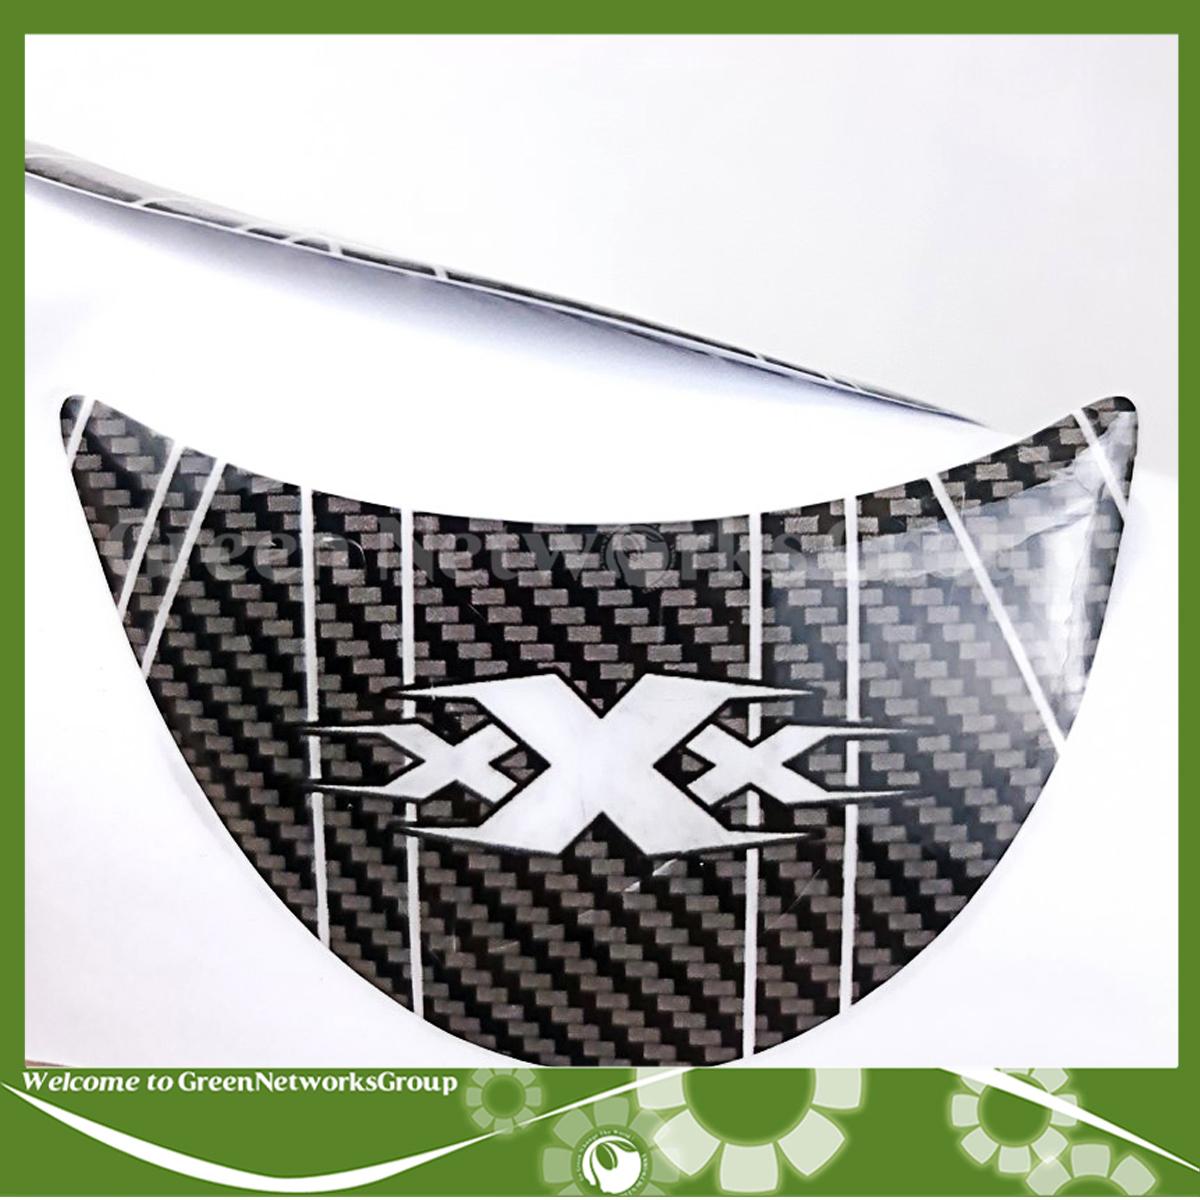 Tem xương cá dán chống trầy bình xăng vân Carbon cho xe moto - Tem dán bình xăng Moto kiểu xương cá vân Carbon Green Networks Group ( 1 Tem )